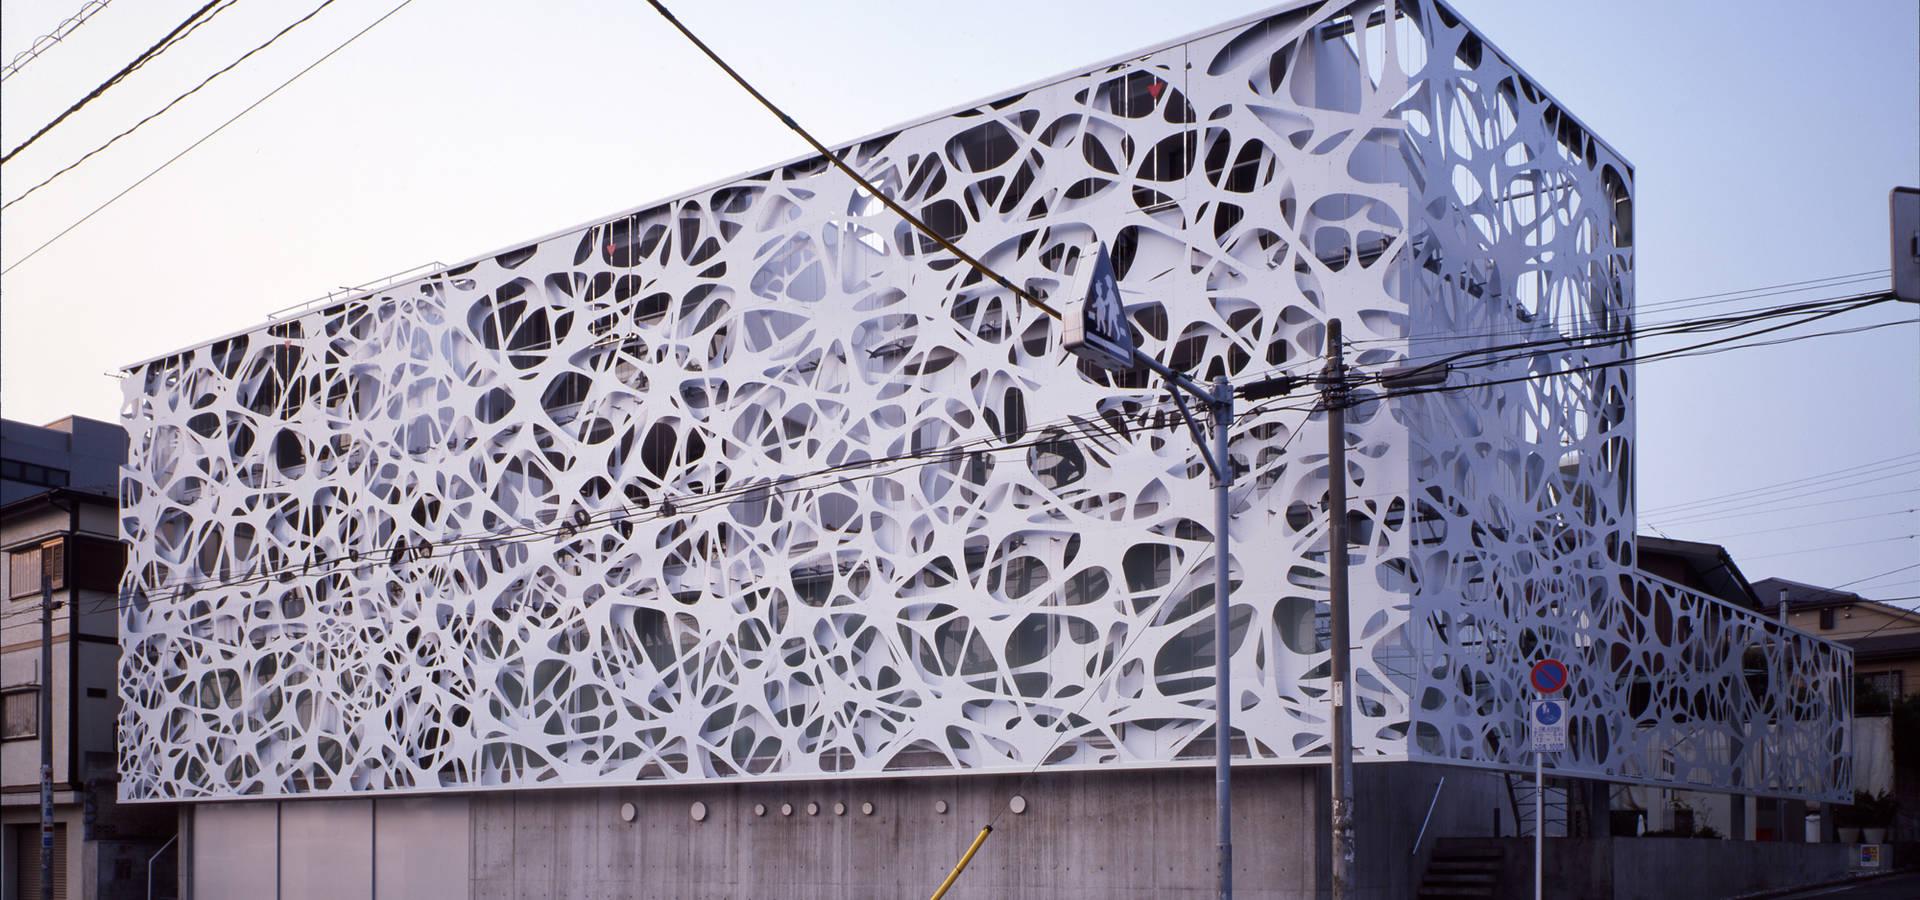 studio M architects / 有限会社 スタジオ エム 一級建築士事務所